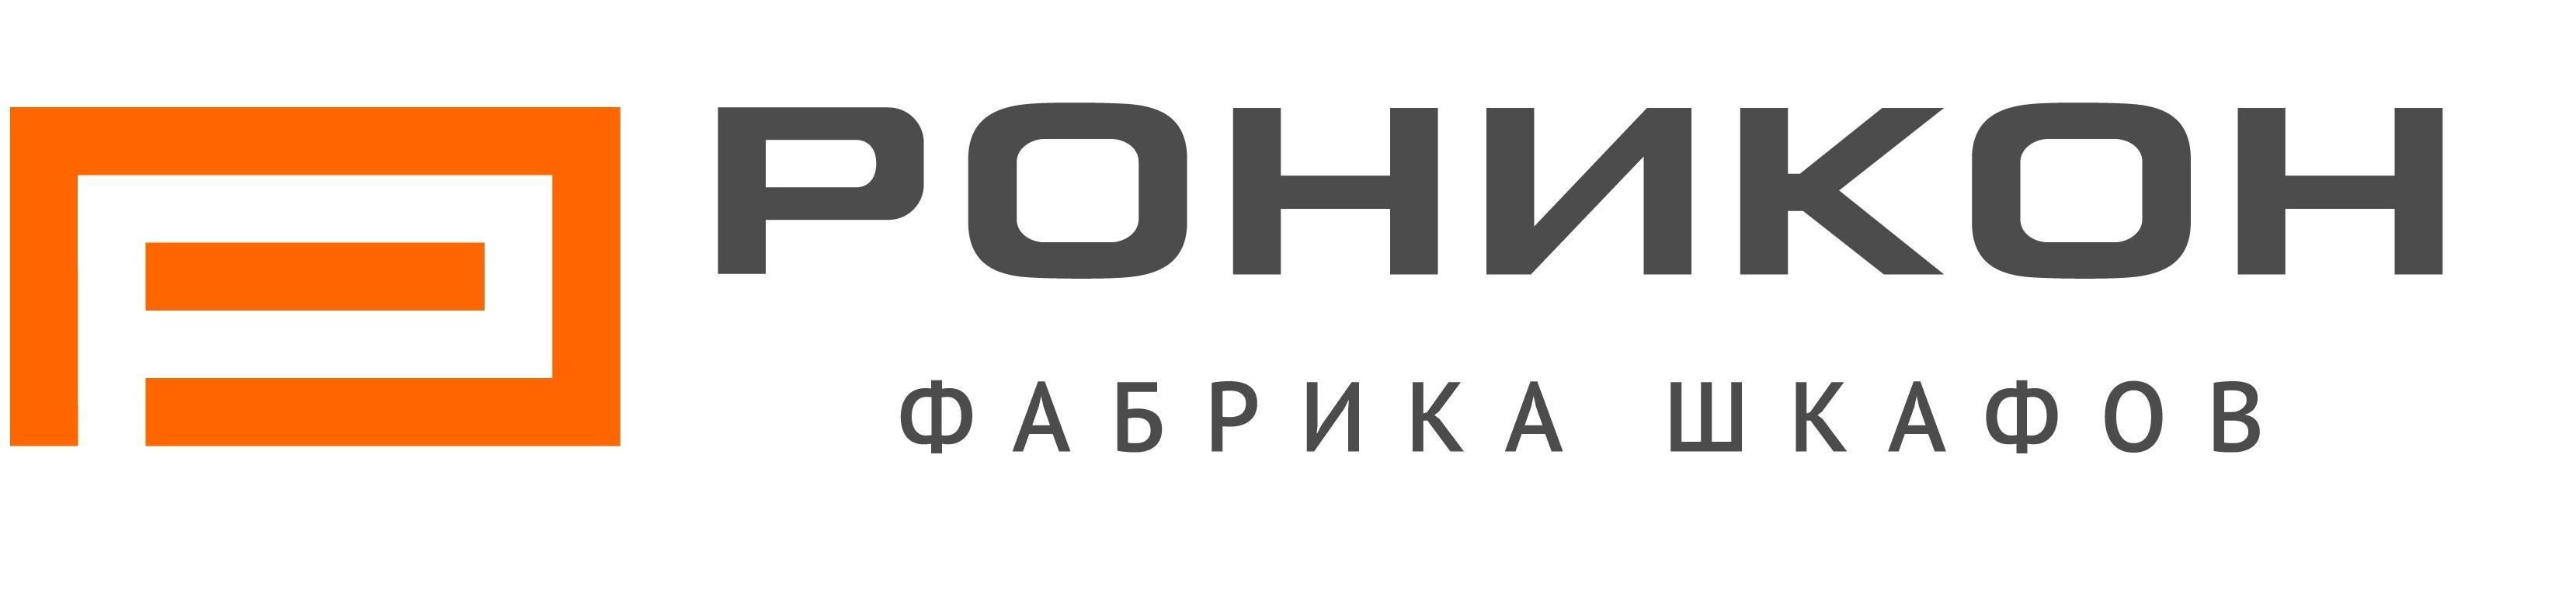 Логотип фабрики шкафов Роникон